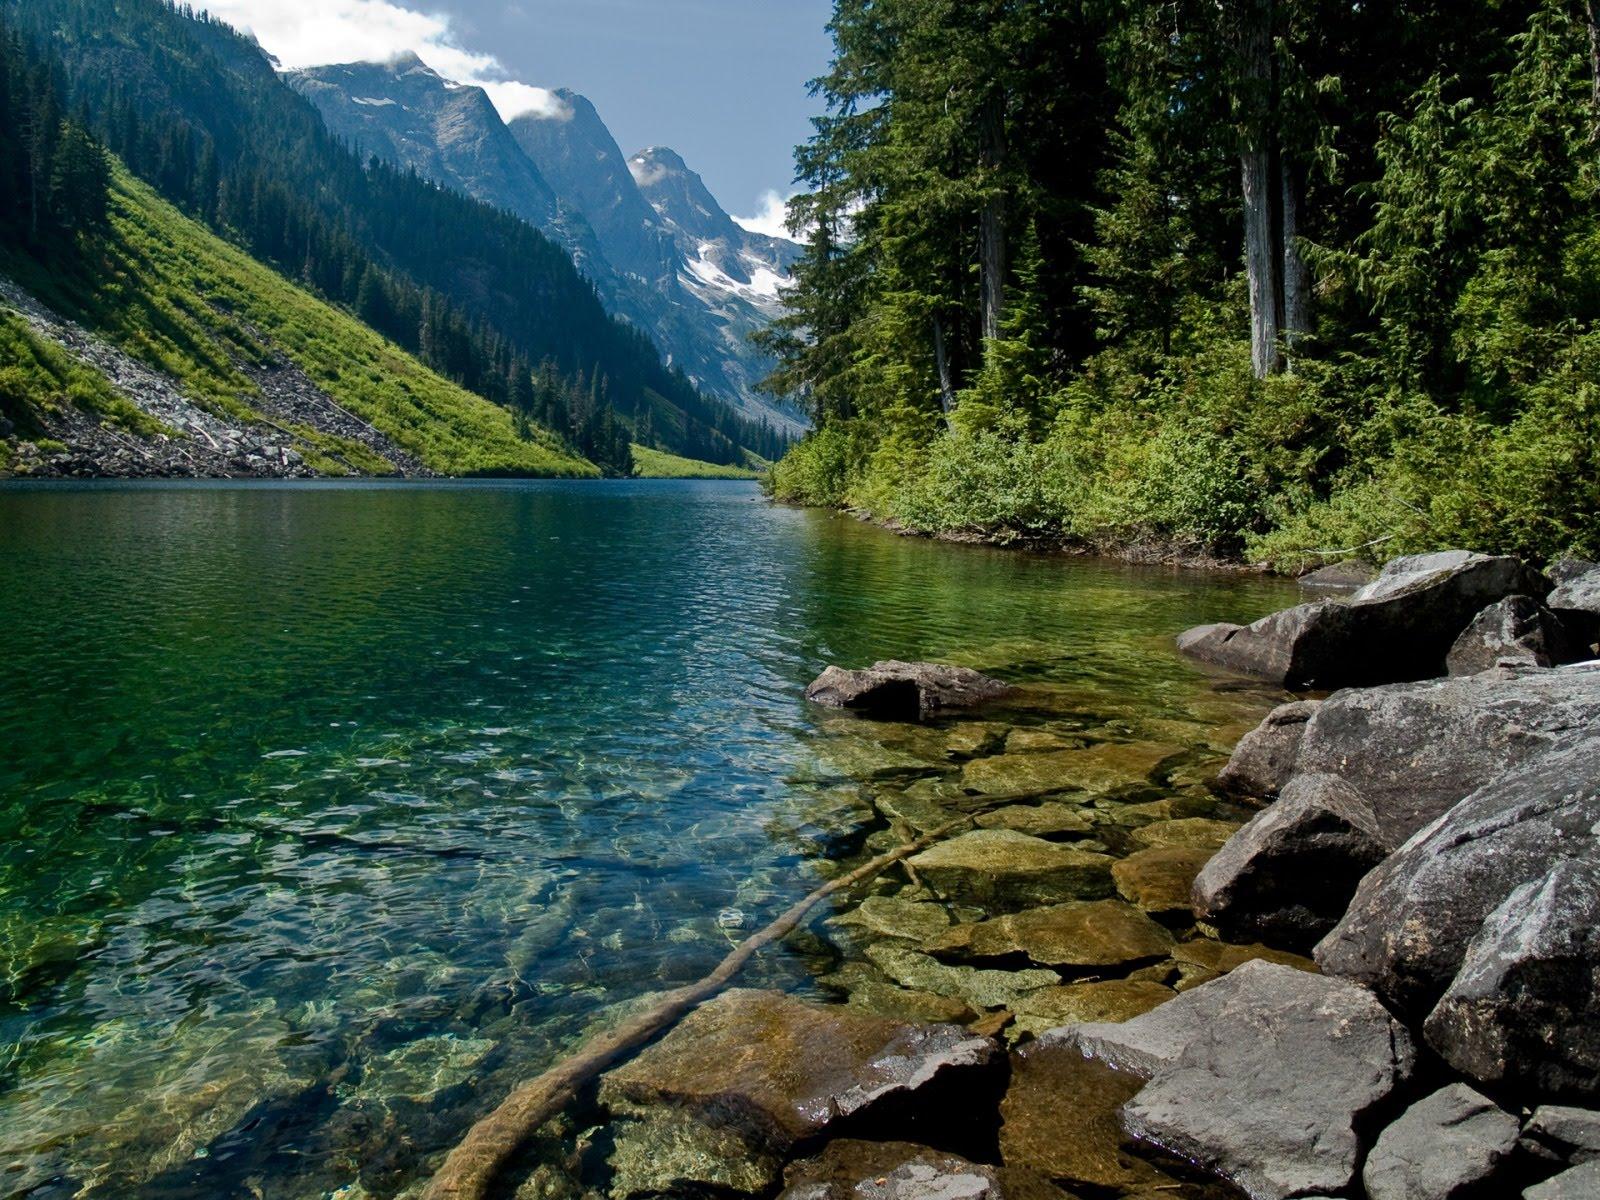 http://2.bp.blogspot.com/_foEESJlbmy4/TE05CZEpNvI/AAAAAAAAADE/h6nr8vTGvfA/s1600/alpin-river-1600-1200-5589.jpg